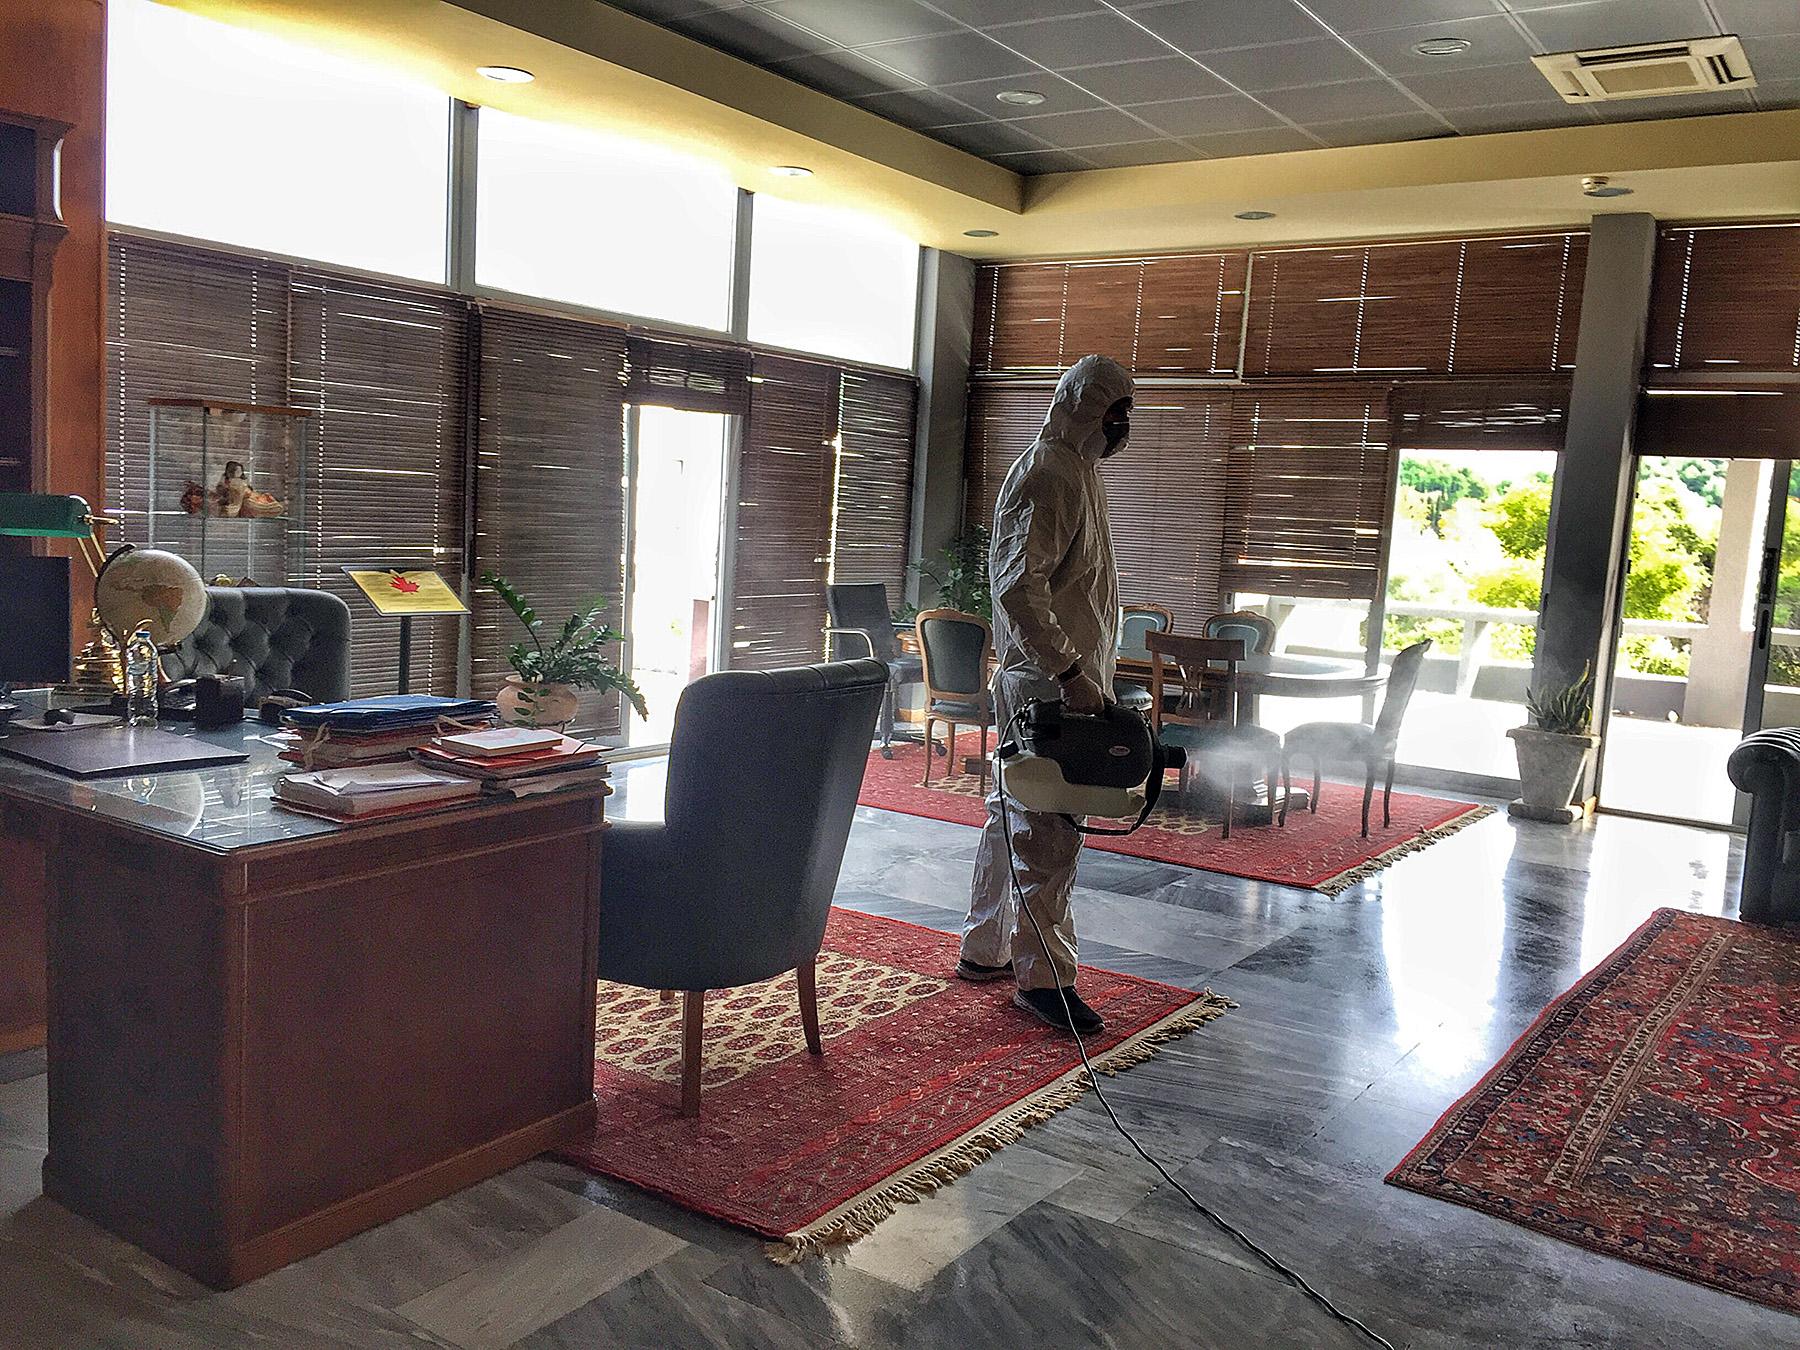 Δήμος Αρχαίας Ολυμπίας: Άμεσα μέτρα αντιμετώπισης σε υποψία κρούσματος Covid-19 - Απολύμανση στο Δημαρχείο που έμεινε σήμερα κλειστό